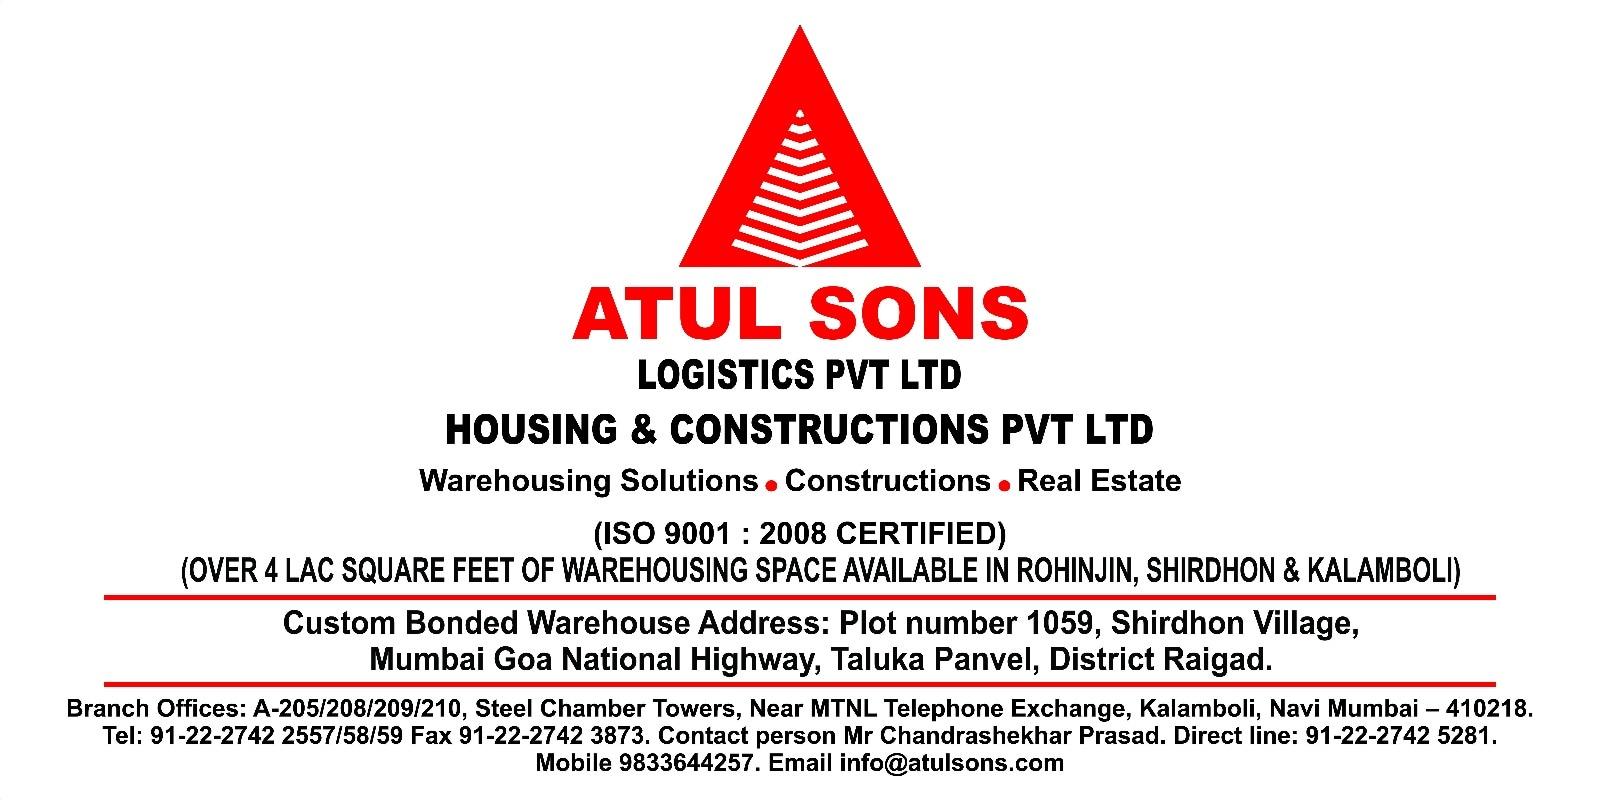 Top 100 Warehouses For Chemical in Andheri East, Mumbai - Justdial